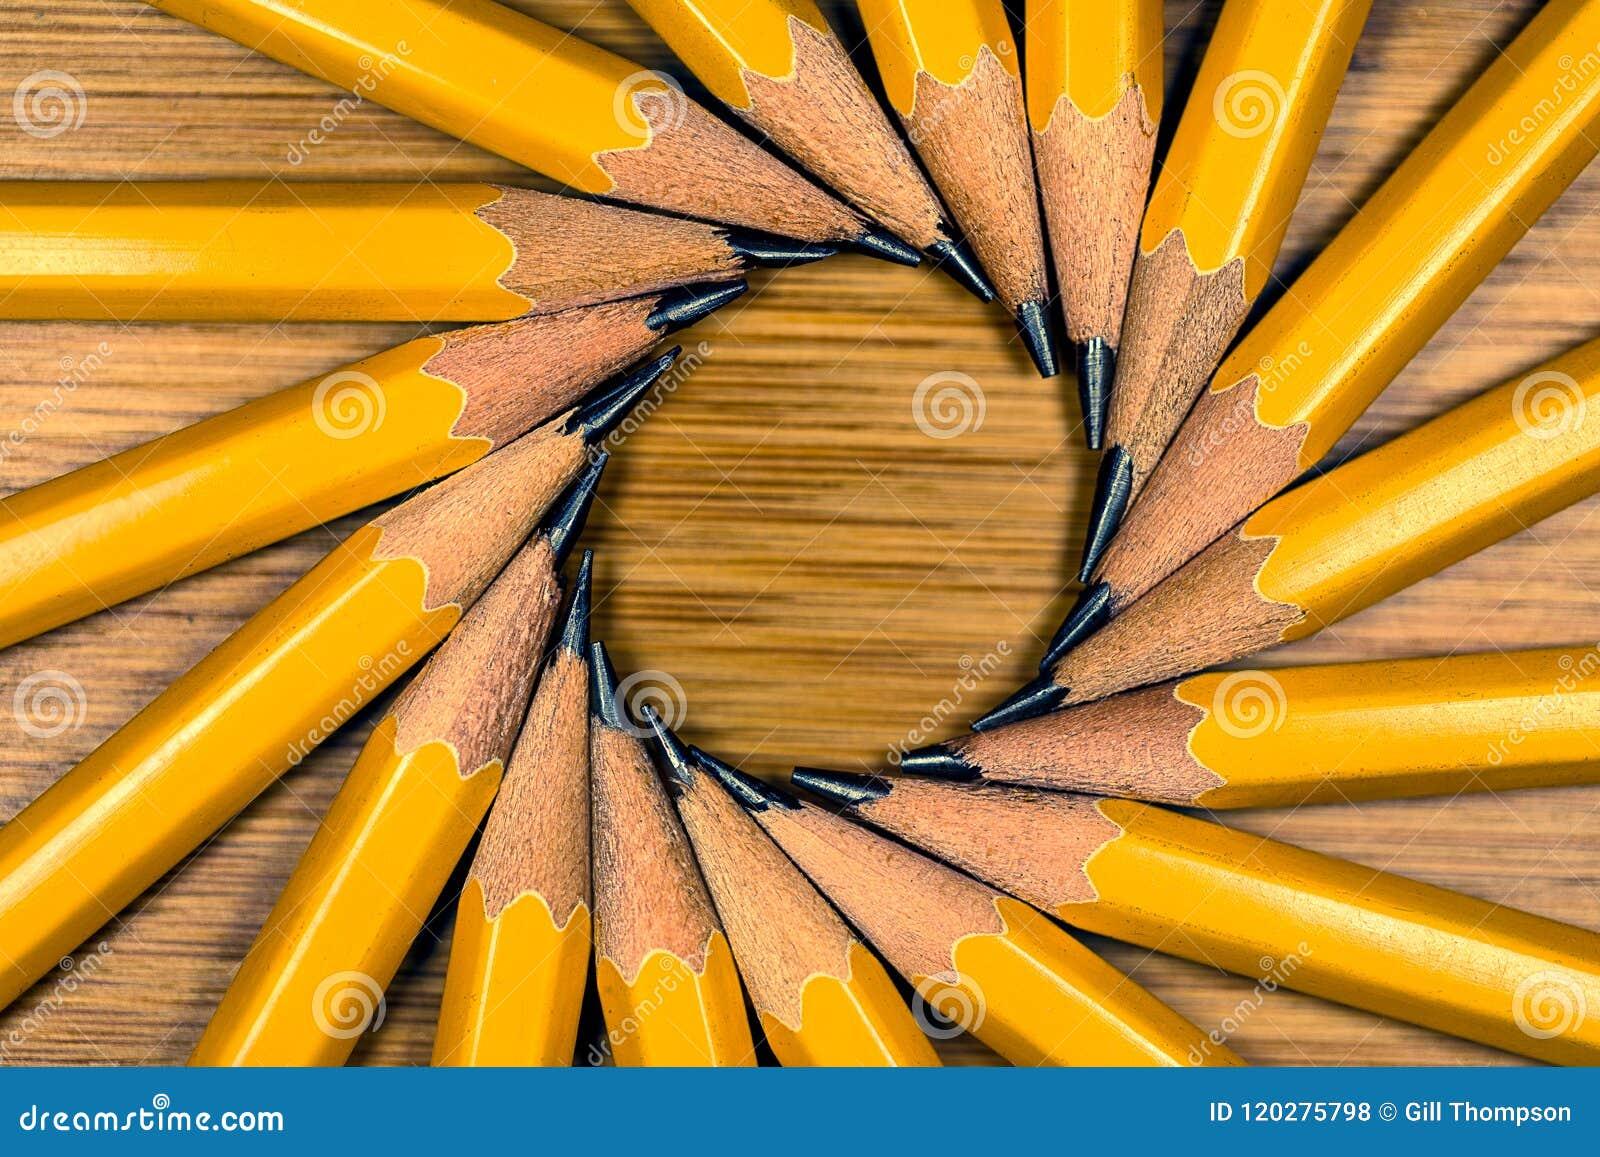 Ritar gul Wood grafit 2 i en cirkel som utstrålar från deras